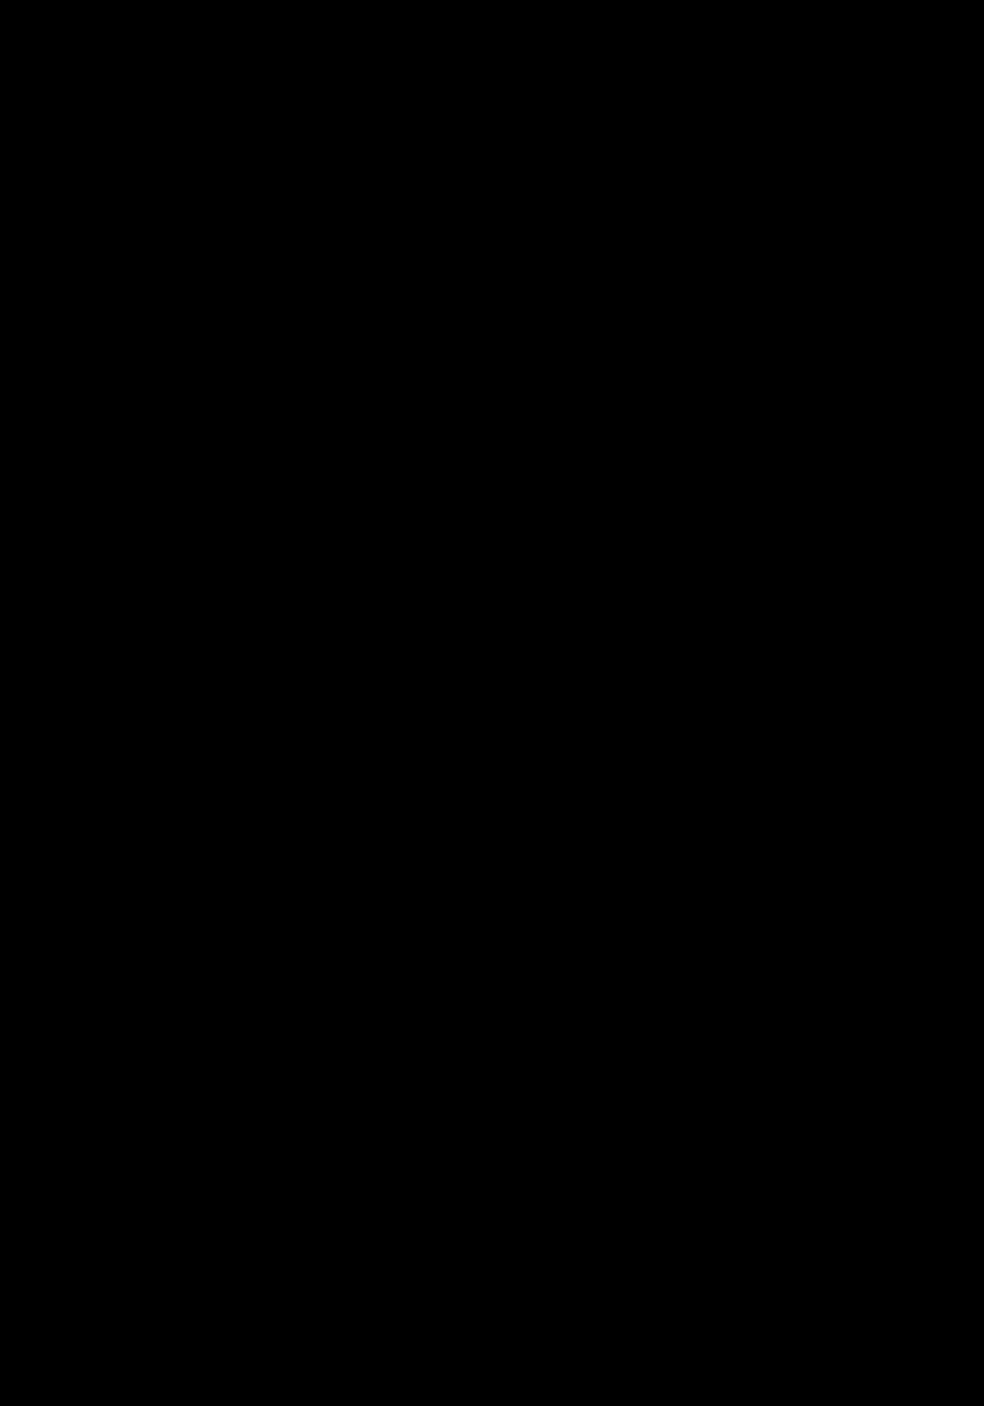 艶 L 小かな LTU-KS 横組見本